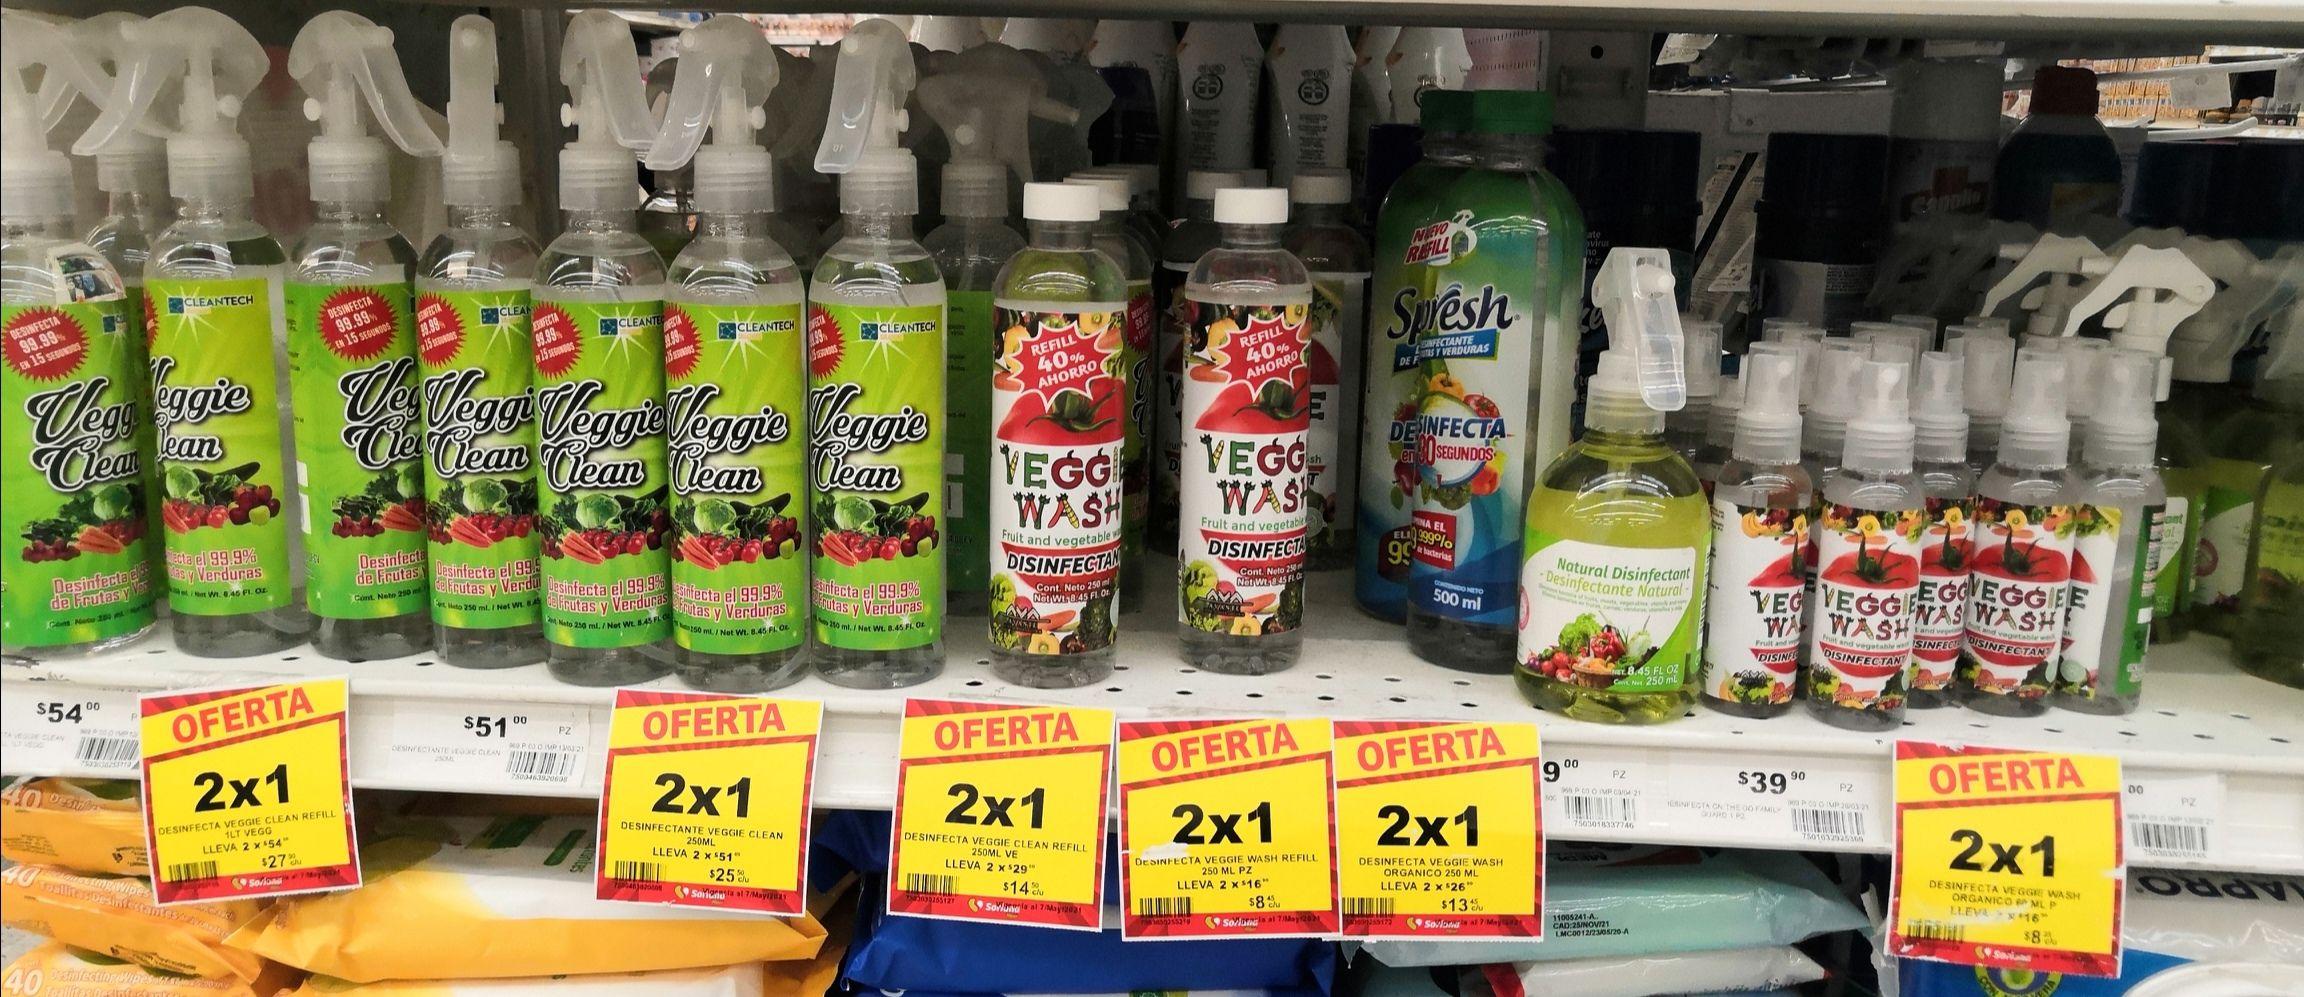 MEGA Soriana Villa Coapa: 2 x 1 en desinfectantes Veggie Clean y Veggie Wash